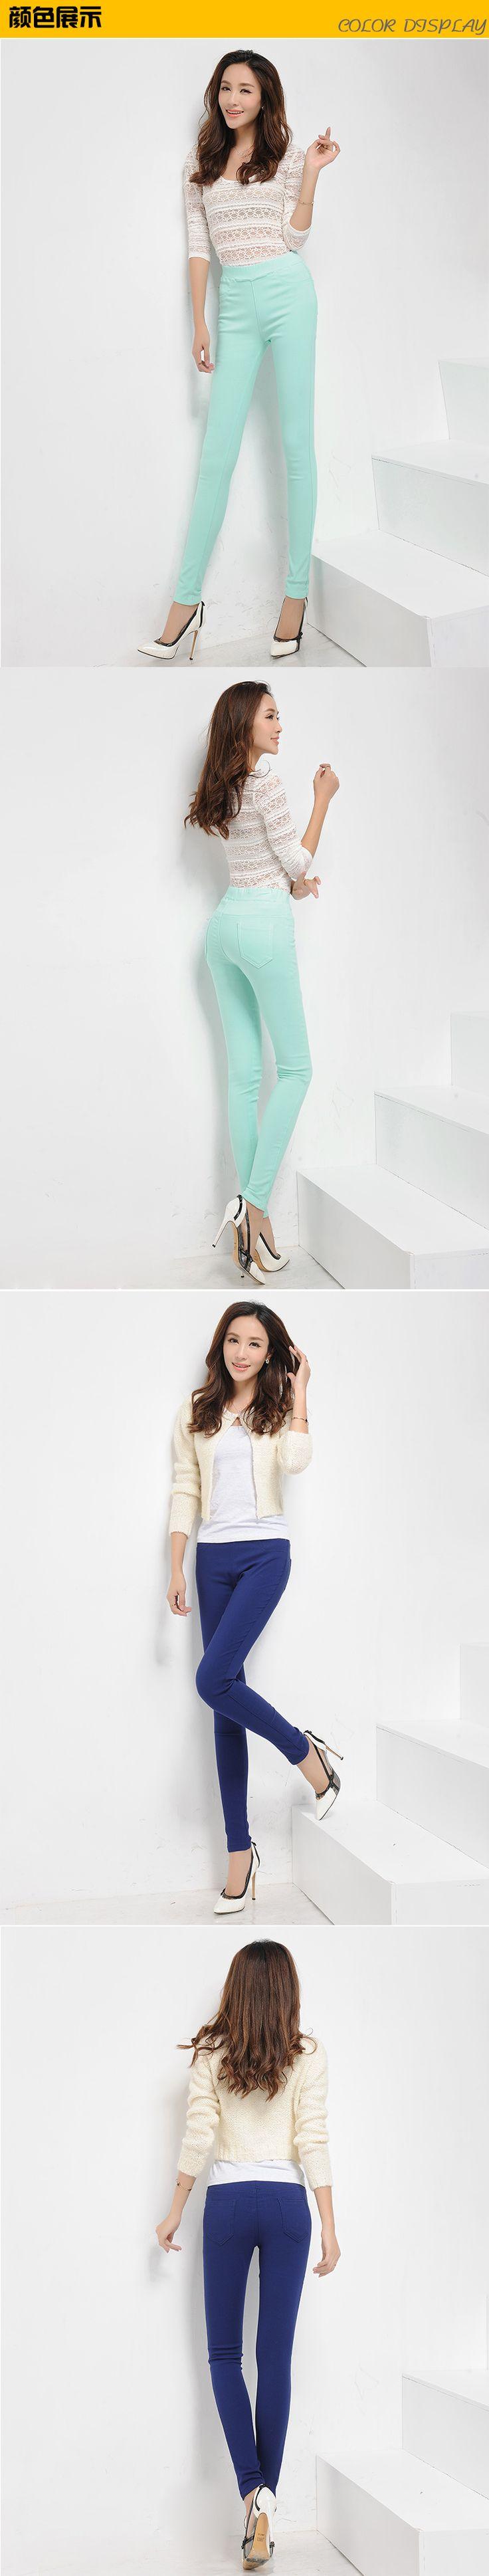 Зимние женские брюки средней высоты эластичный пояс руно конфеты цветной карандаш брюки толстые женщины теплые брюки Большой размер купить на AliExpress